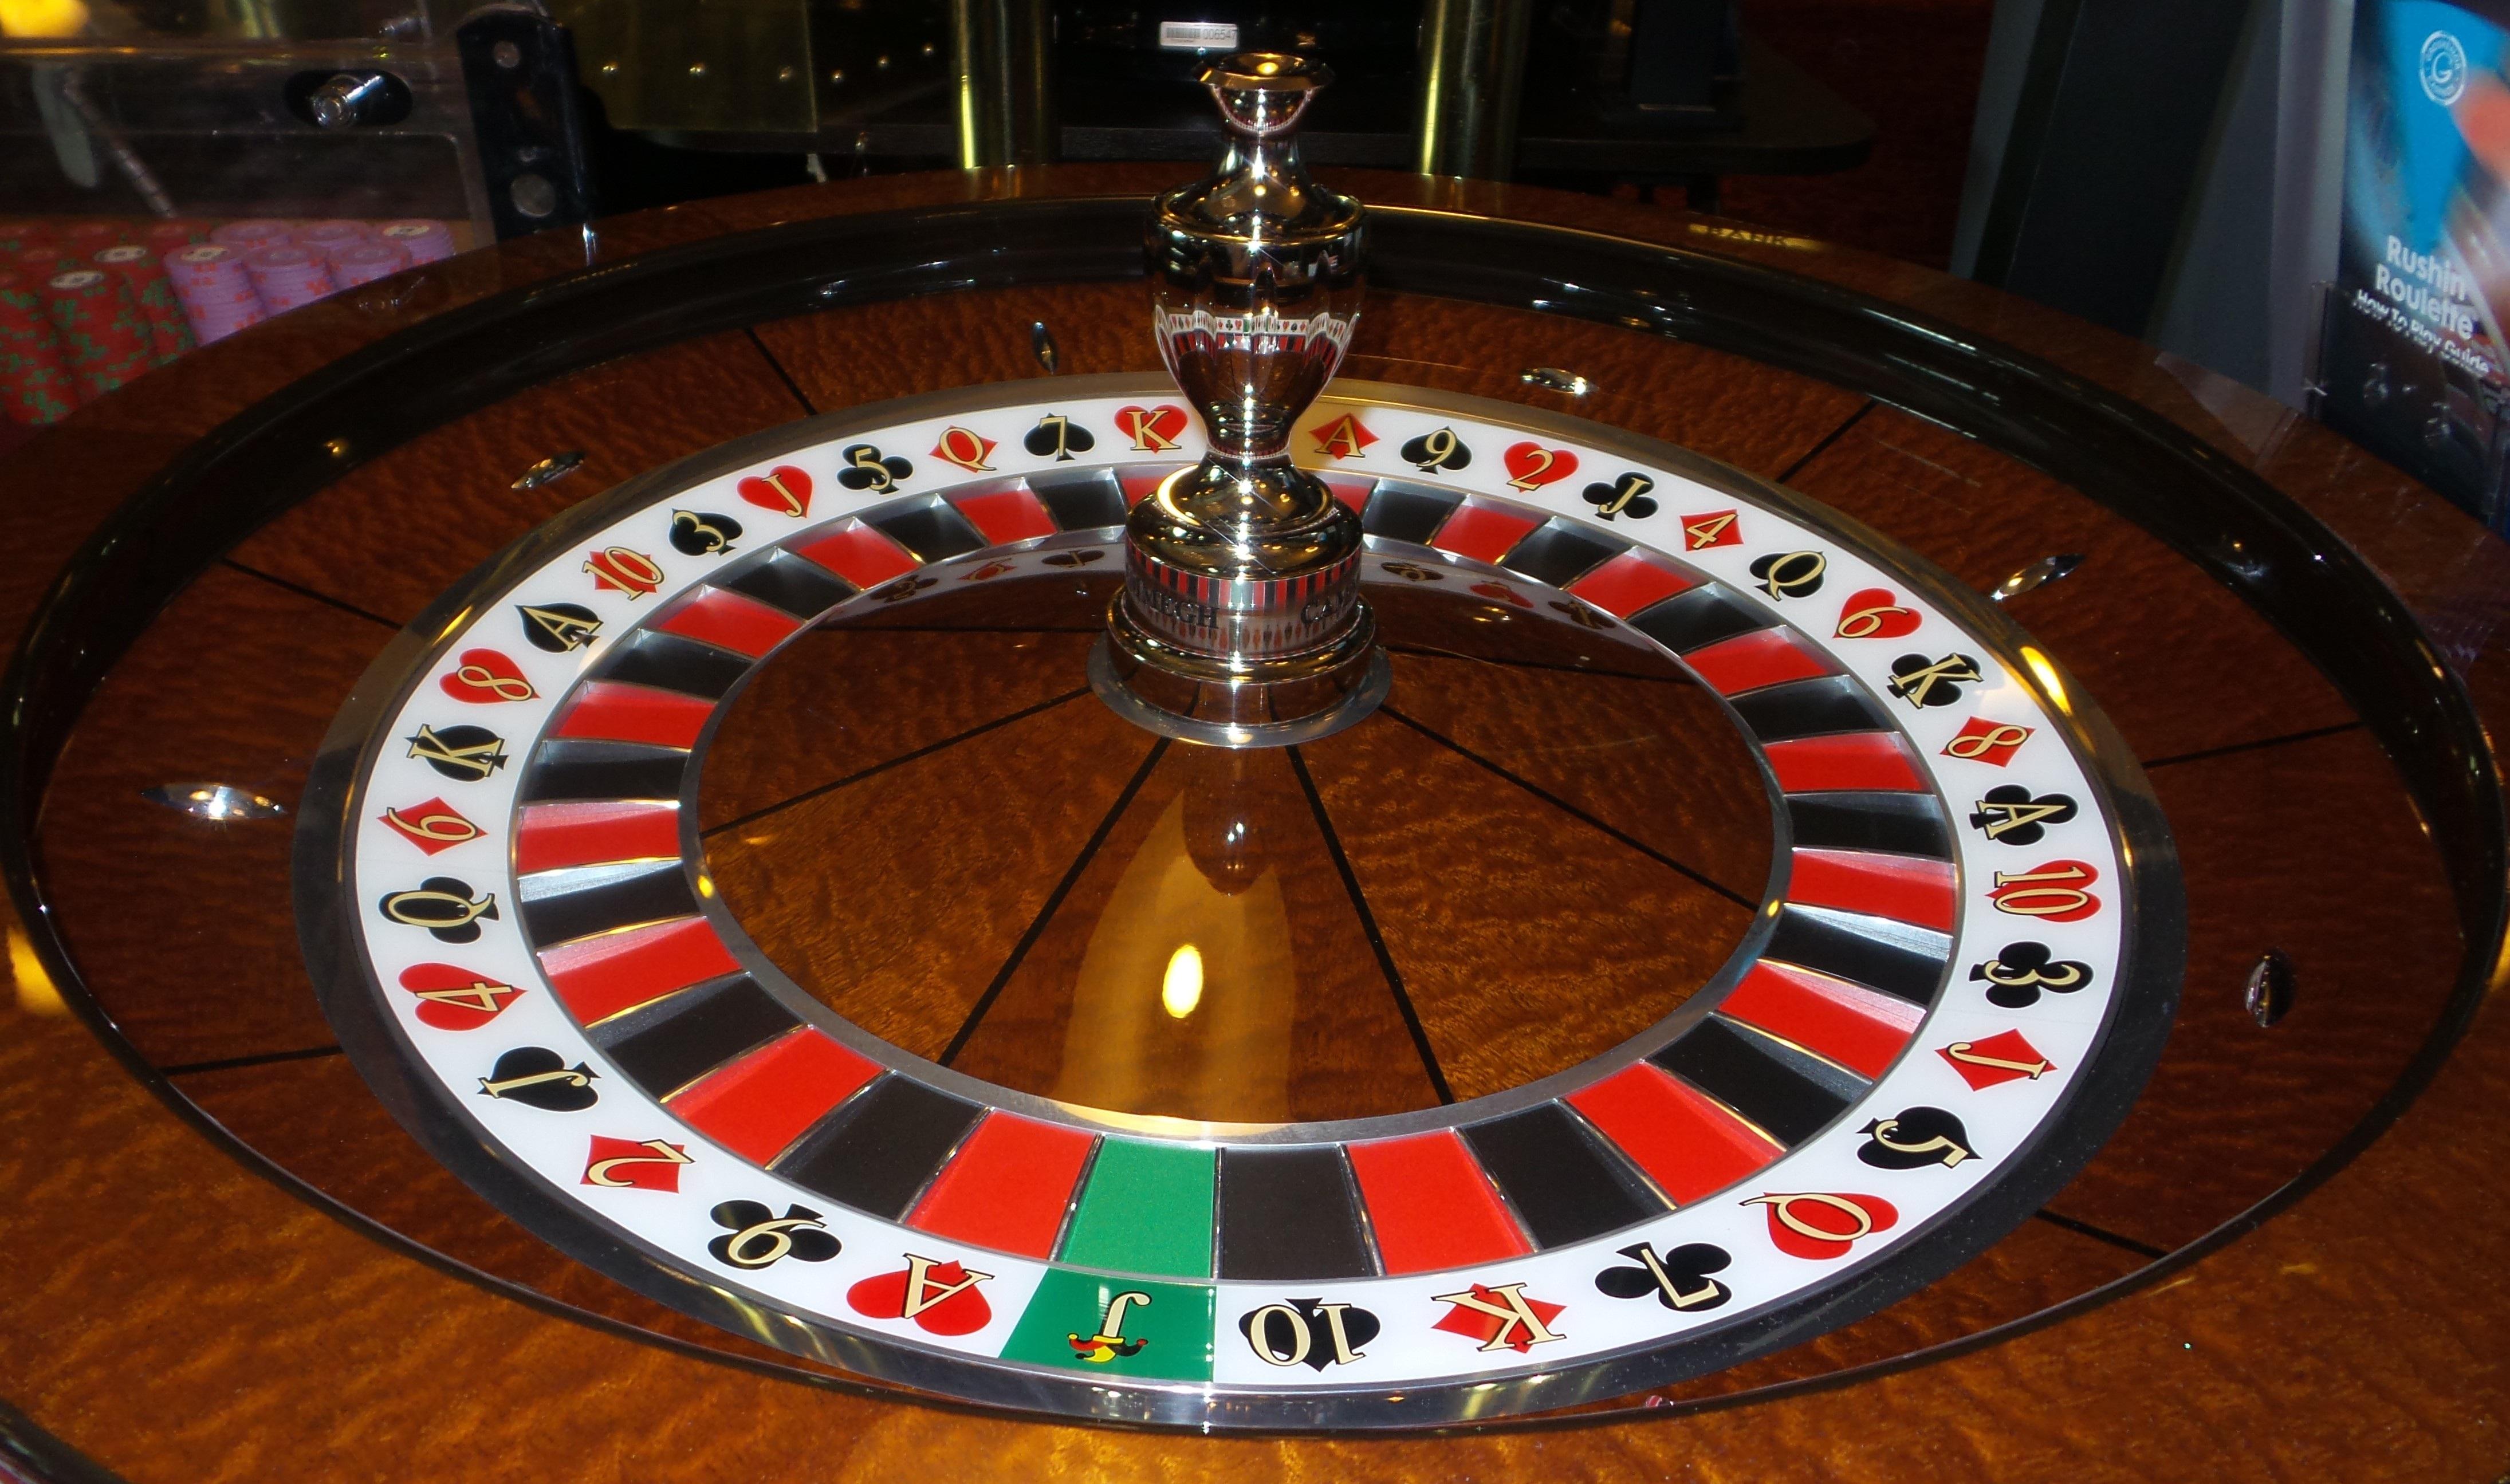 колесо игра здание Играя круг Спекулировать карты Вегас казино Азартные игры Удача Риск Игра Удача развлекательная